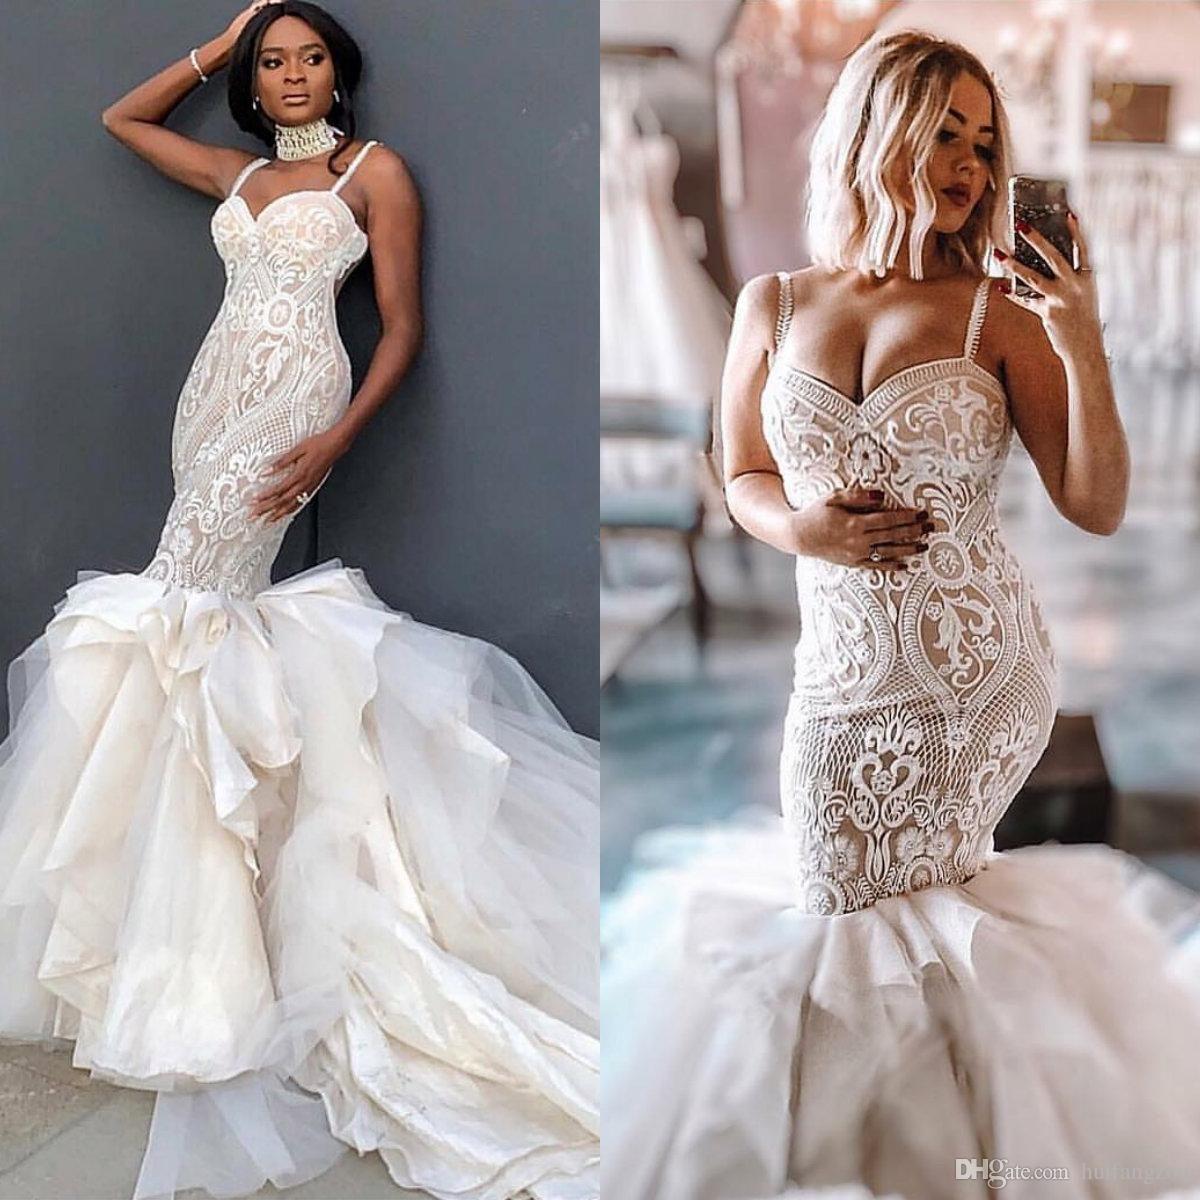 Плюс размер русалки свадебные платья сексуальные спагетти кружевные аппликации многоуровневые юбки халат де Марие шикарное пляжное свадебное платье на заказ